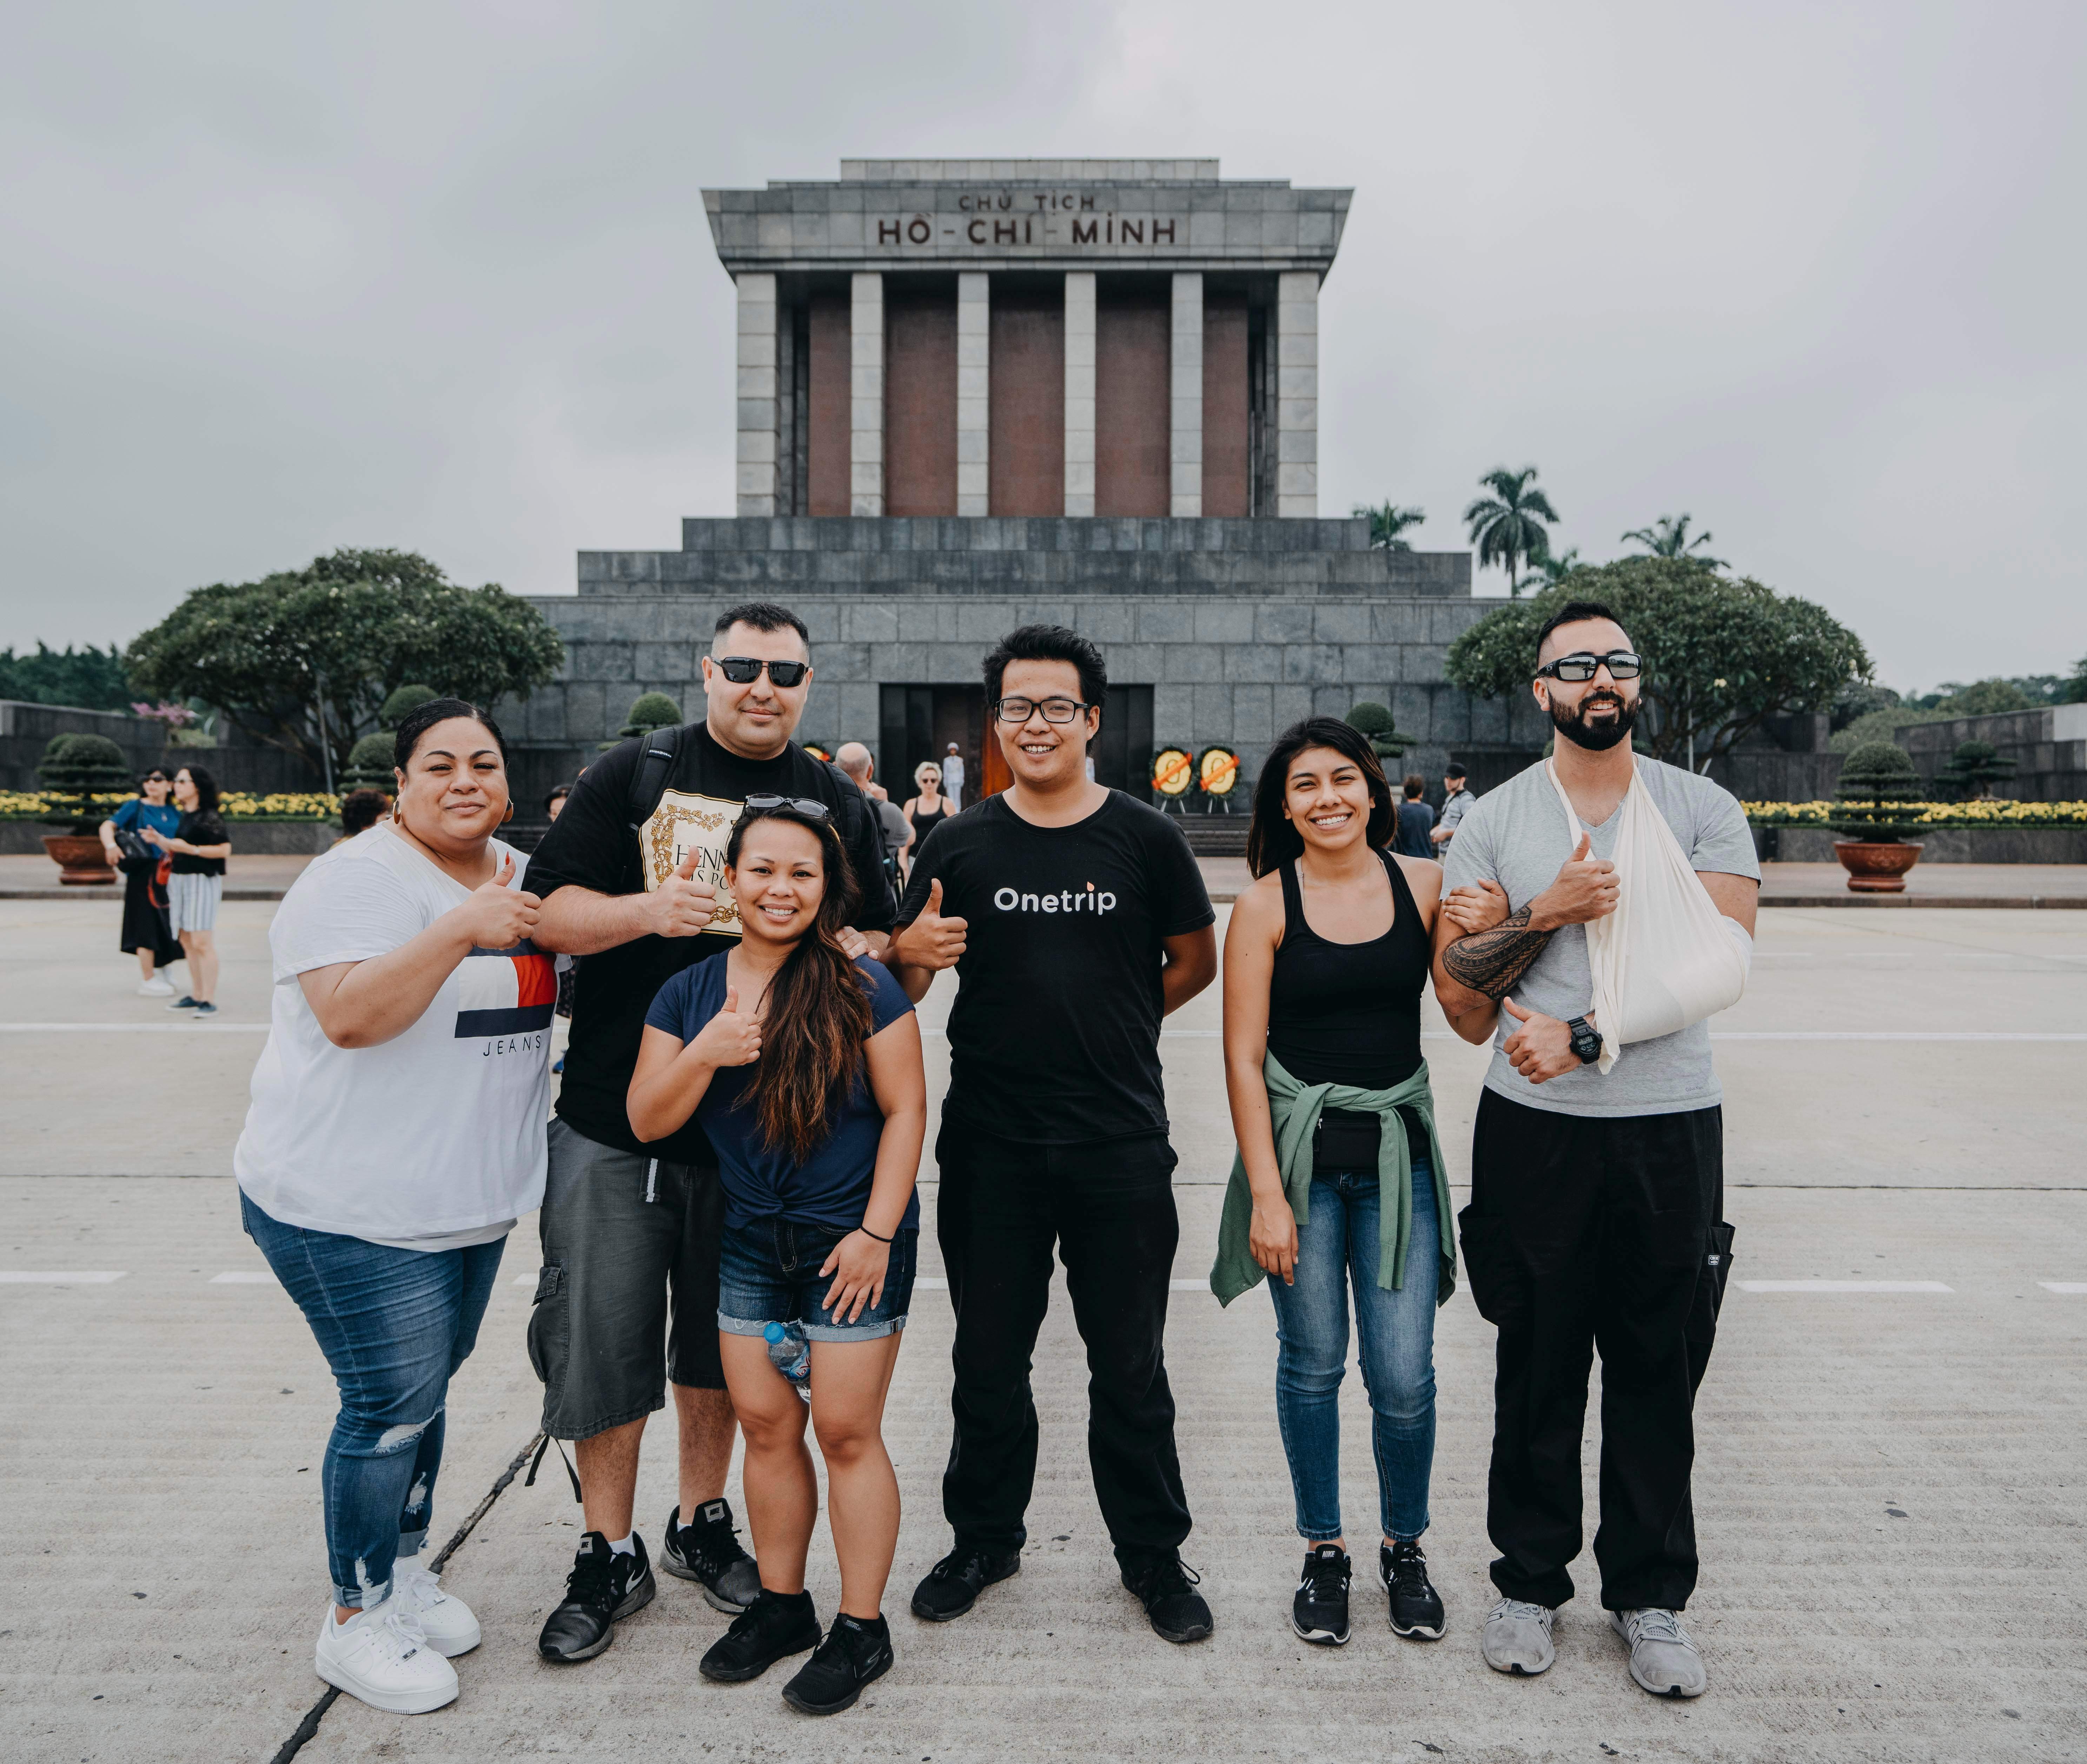 socially responsible tour hanoi eco friendly tour